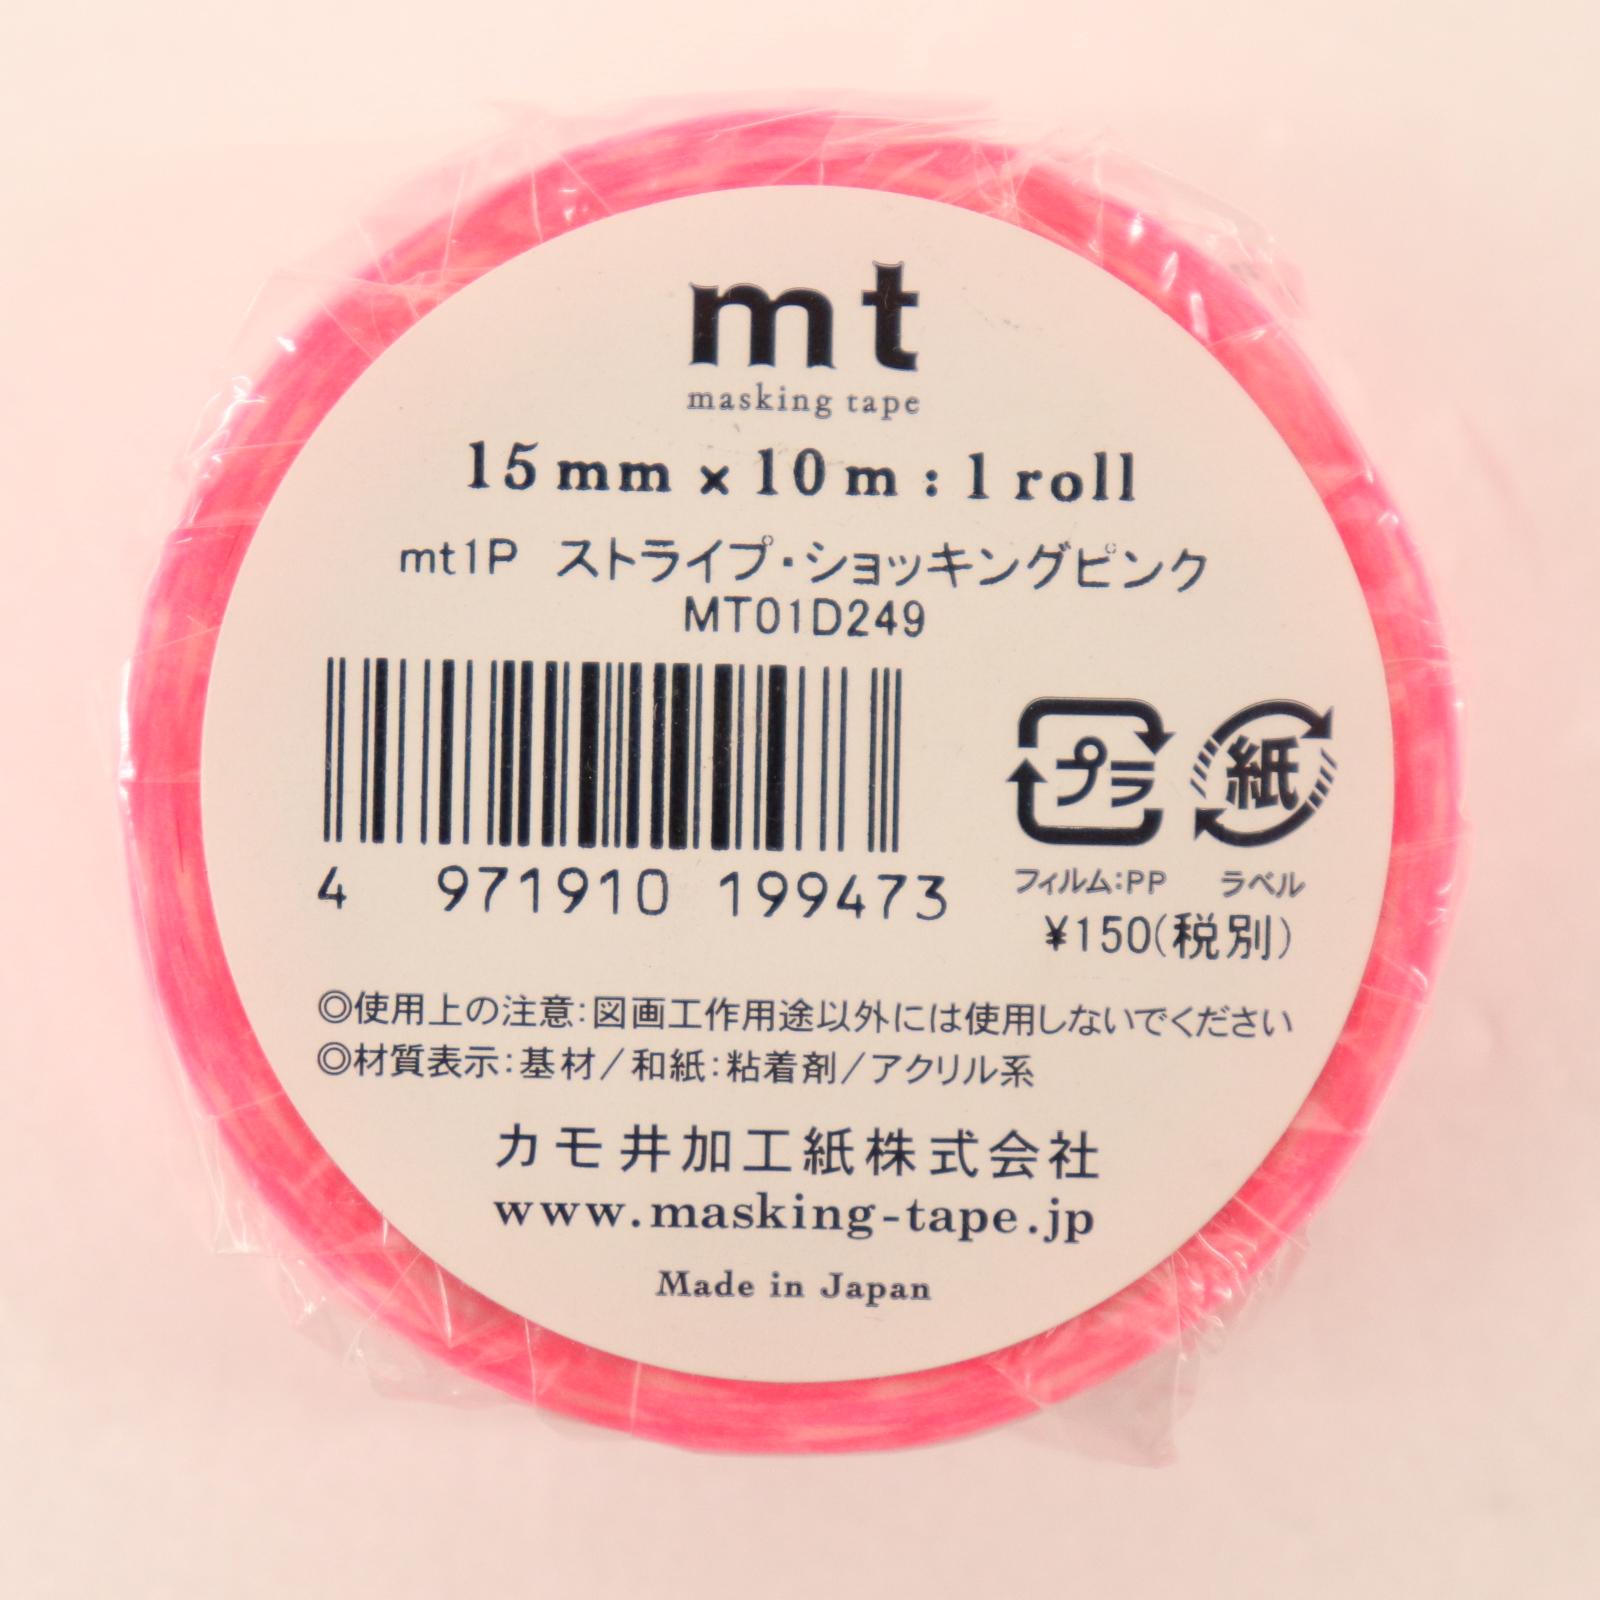 マスキングテープ ストライプ・ショッキングピンク 幅15mm×10m巻